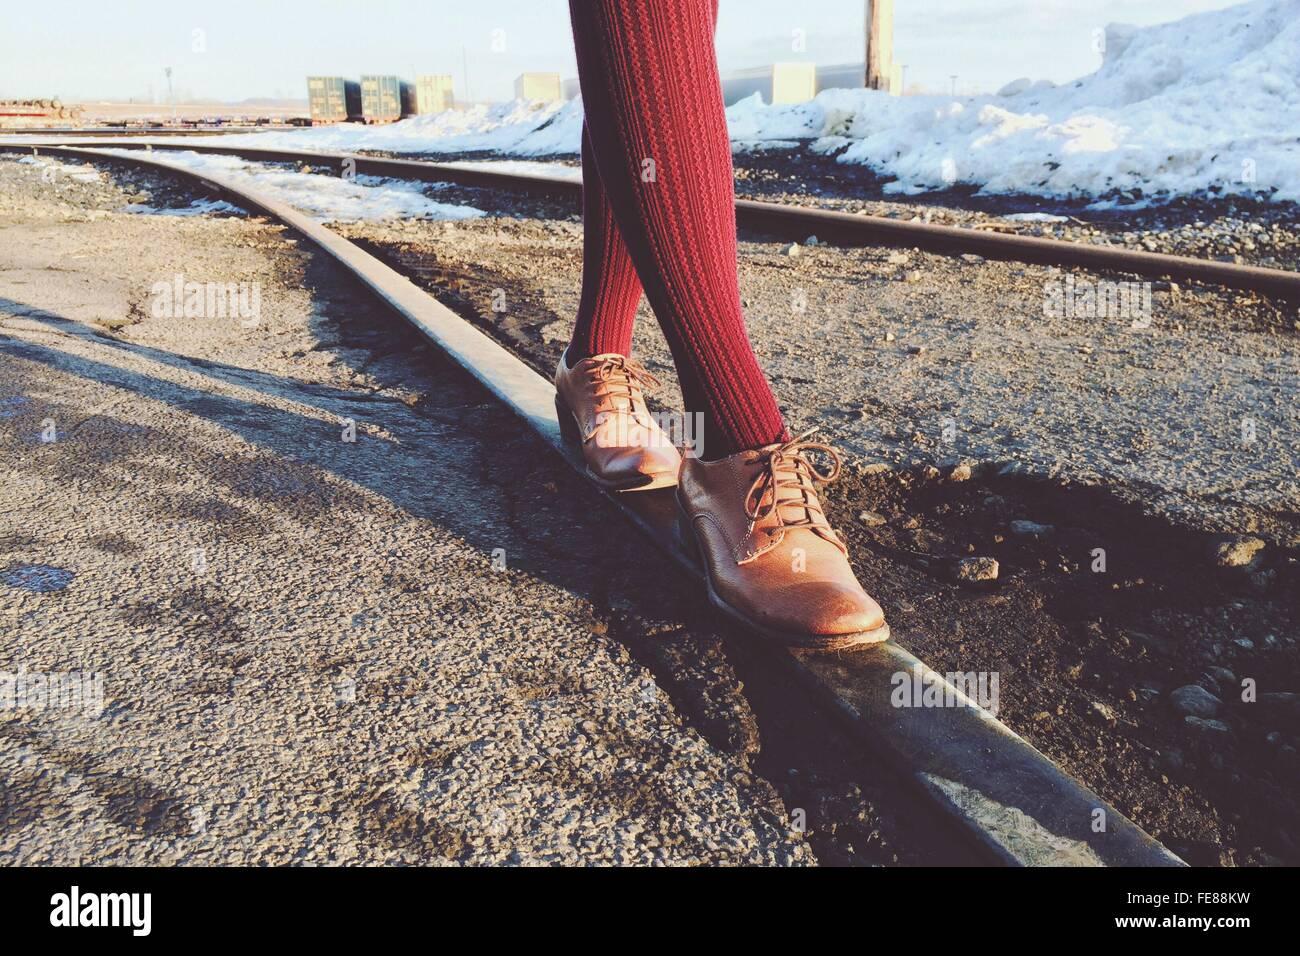 Bajo la sección de Persona caminando sobre vía férrea Imagen De Stock